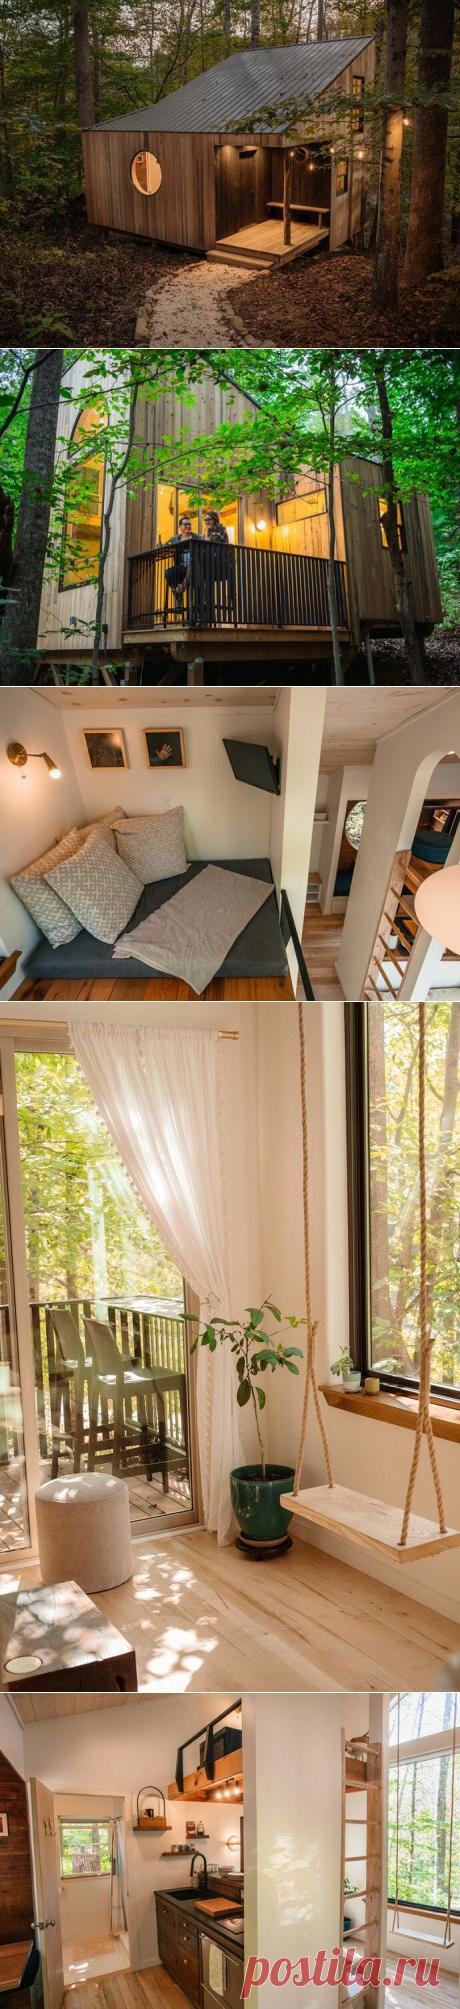 Маленький уютный домик посреди леса: использование 100% объема, огромные окна, качели и лестницы внутри дома   АРТбук Ульяновой   Яндекс Дзен